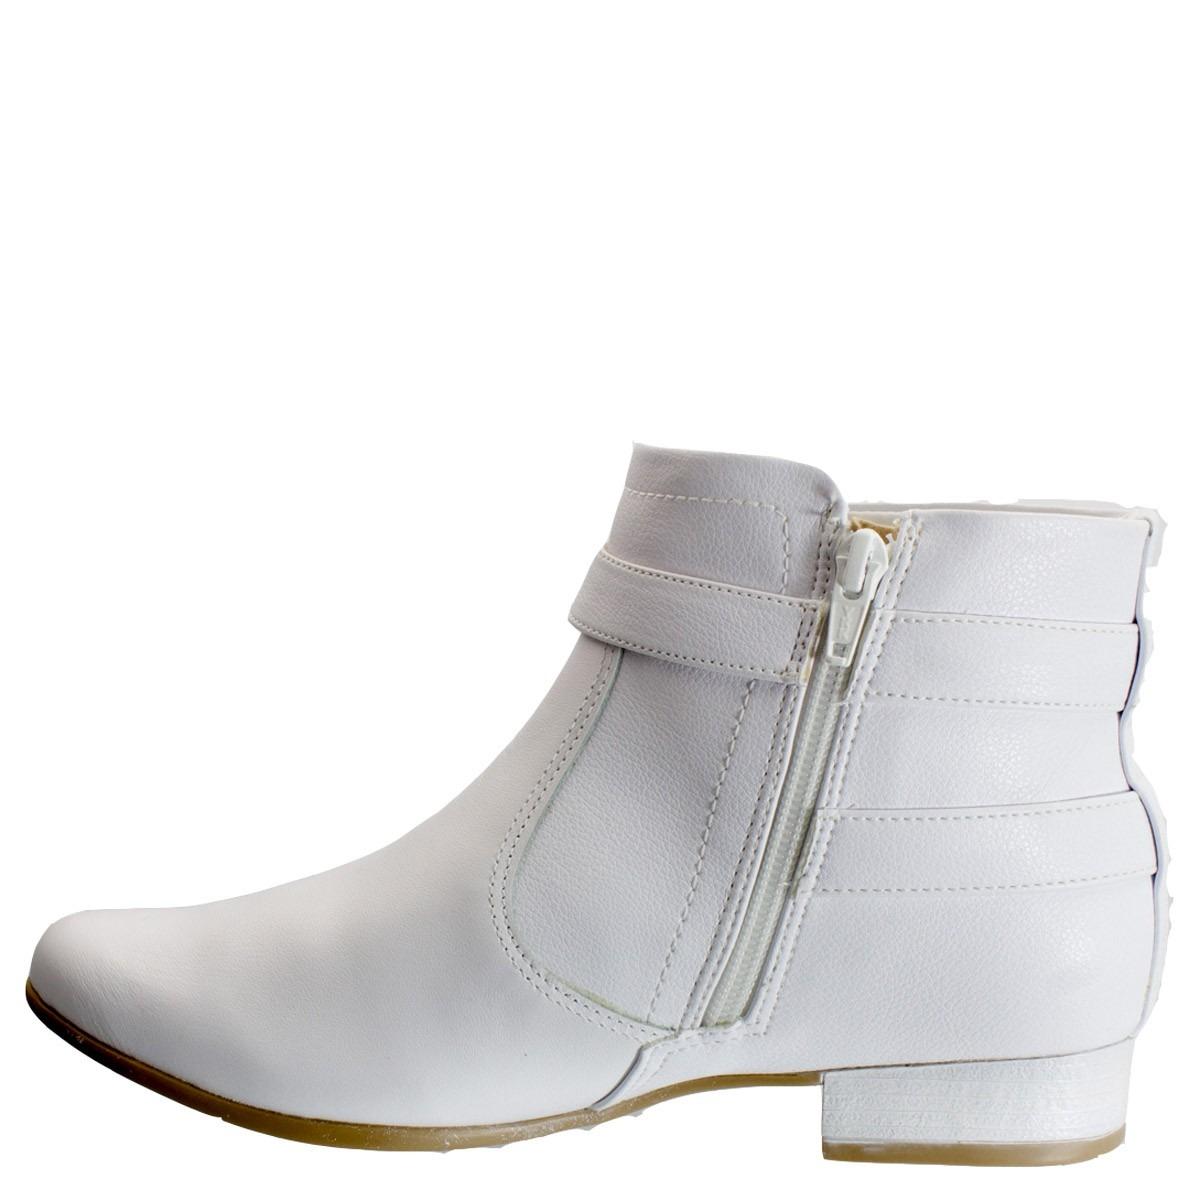 4a74357aa Bota Feminina Comfortflex Cano Curto 1790302 - R$ 143,94 em Mercado ...